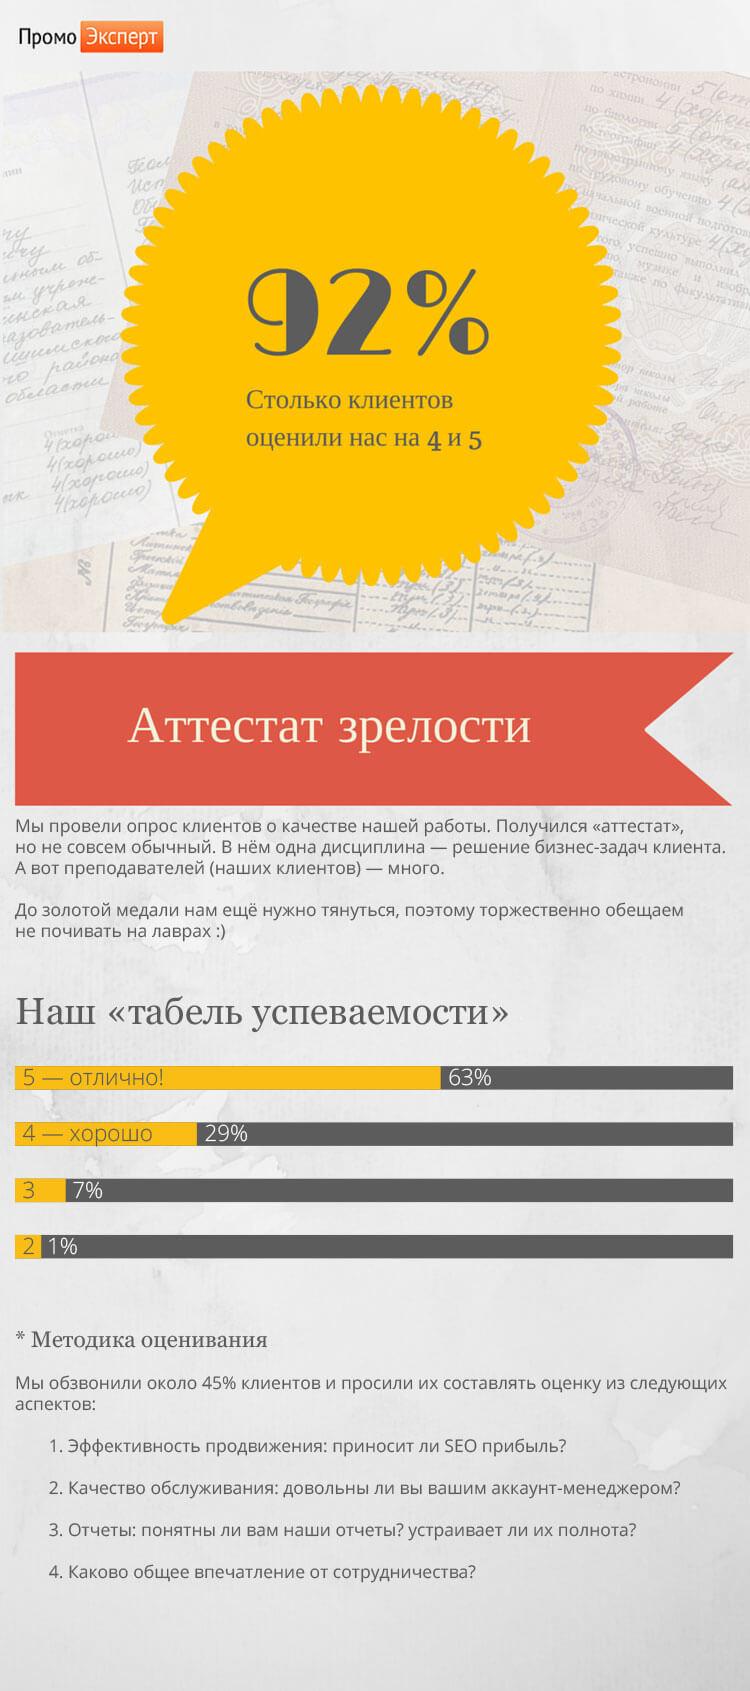 инфографика качество работы